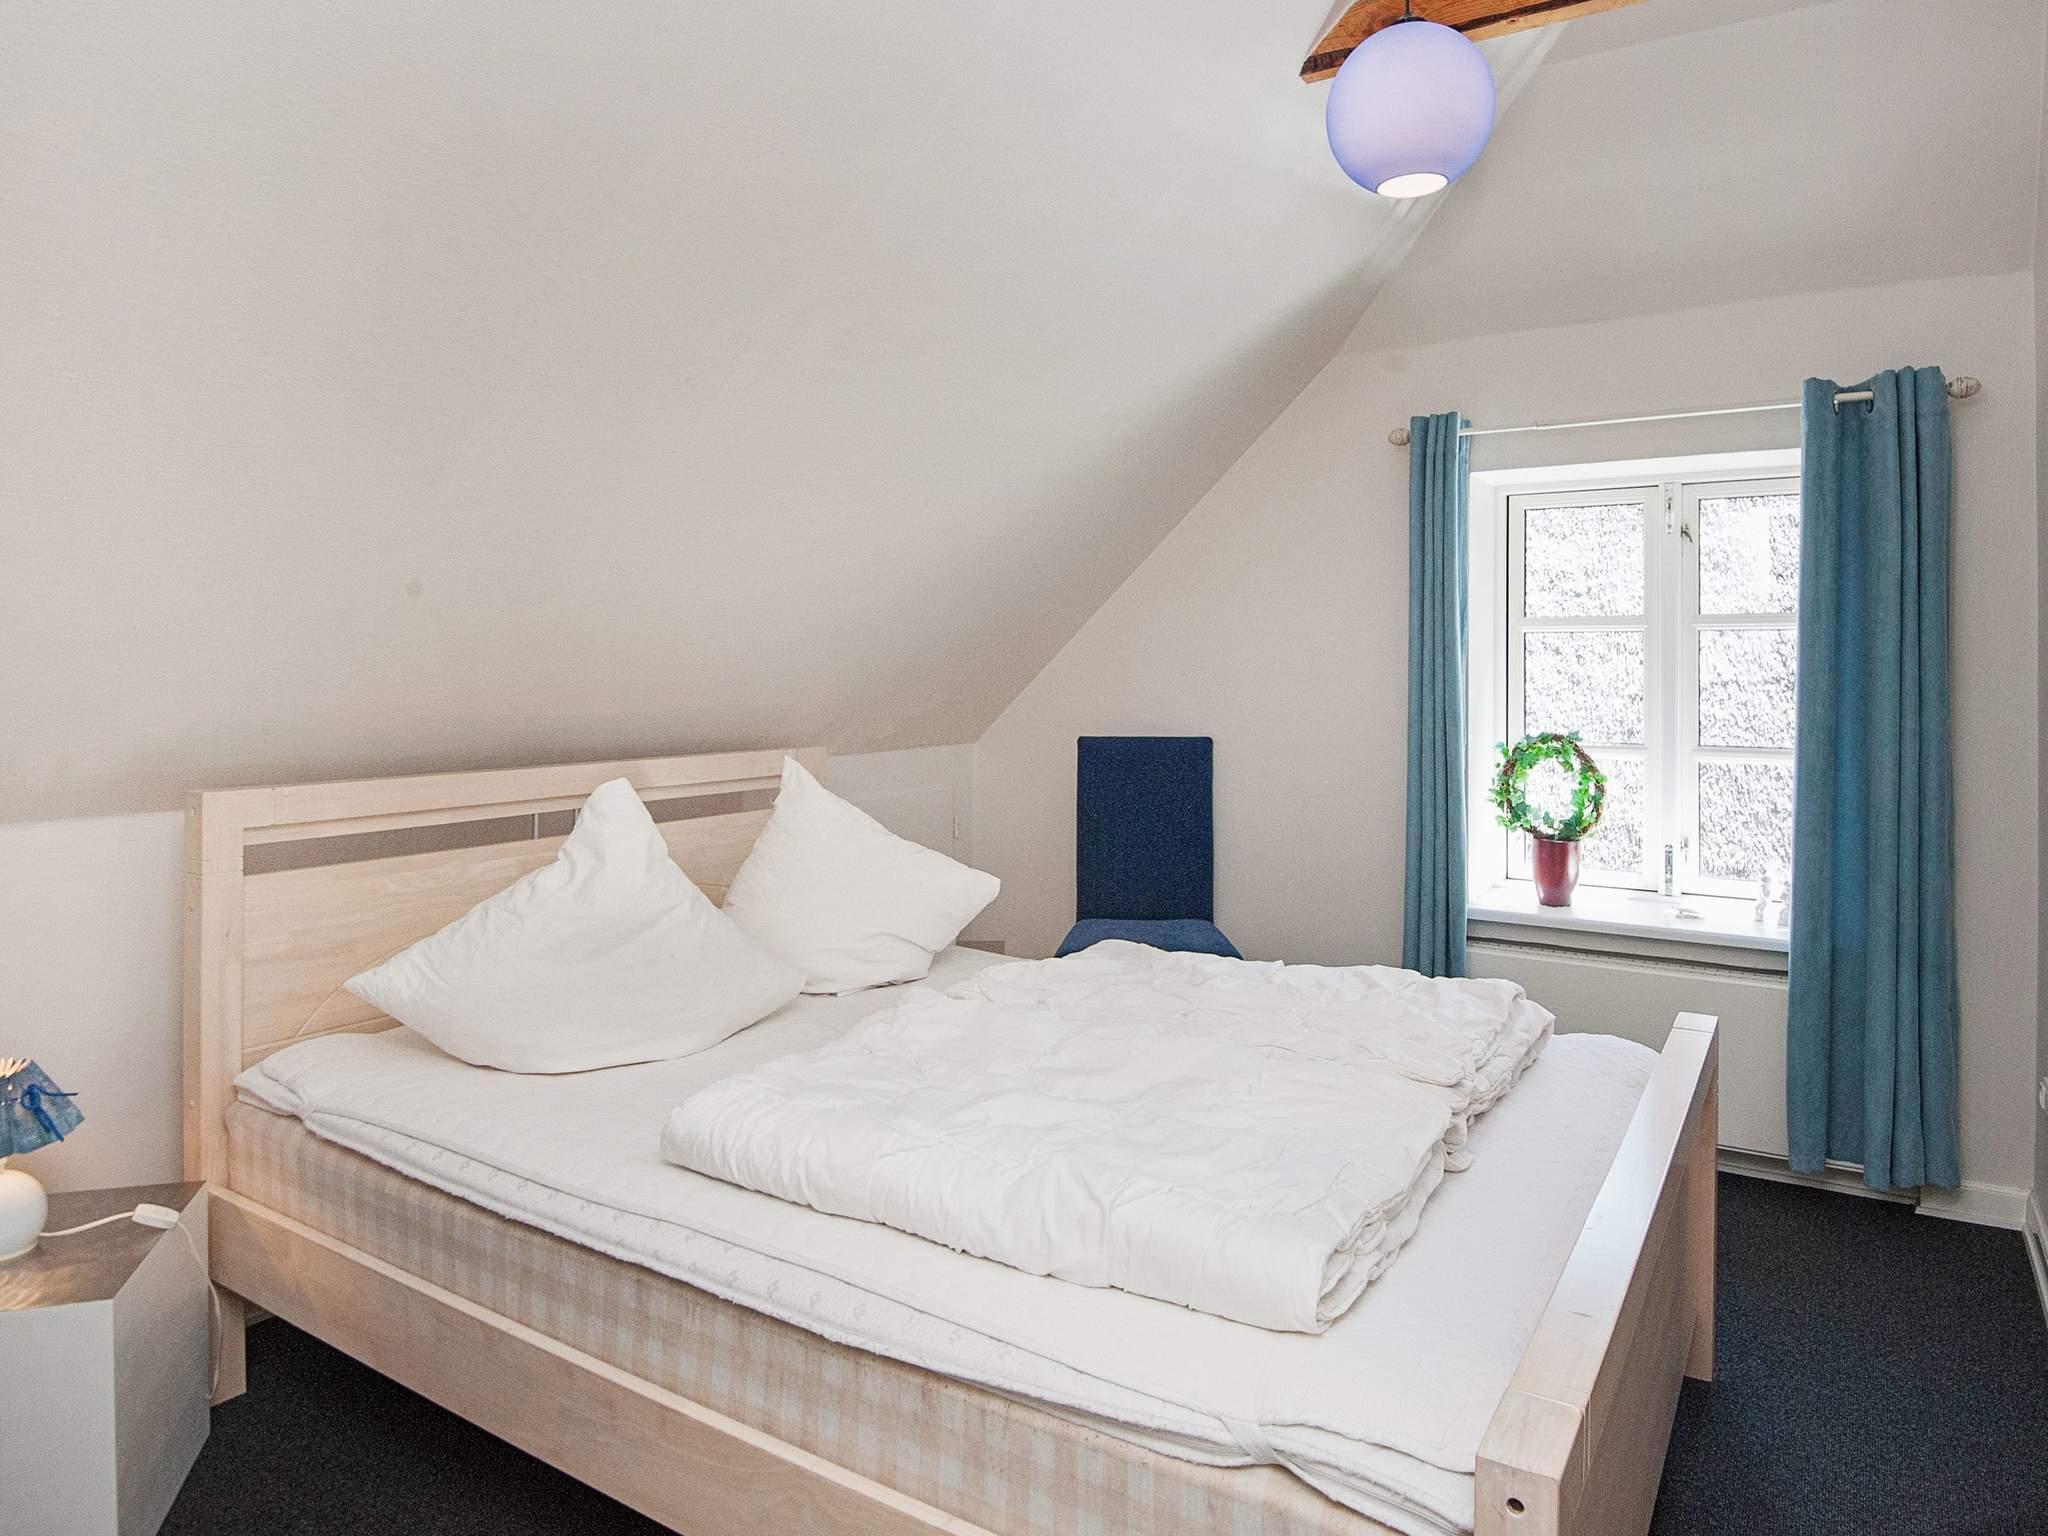 Ferienhaus St. Darum (86425), Bramming, , Südwestjütland, Dänemark, Bild 17